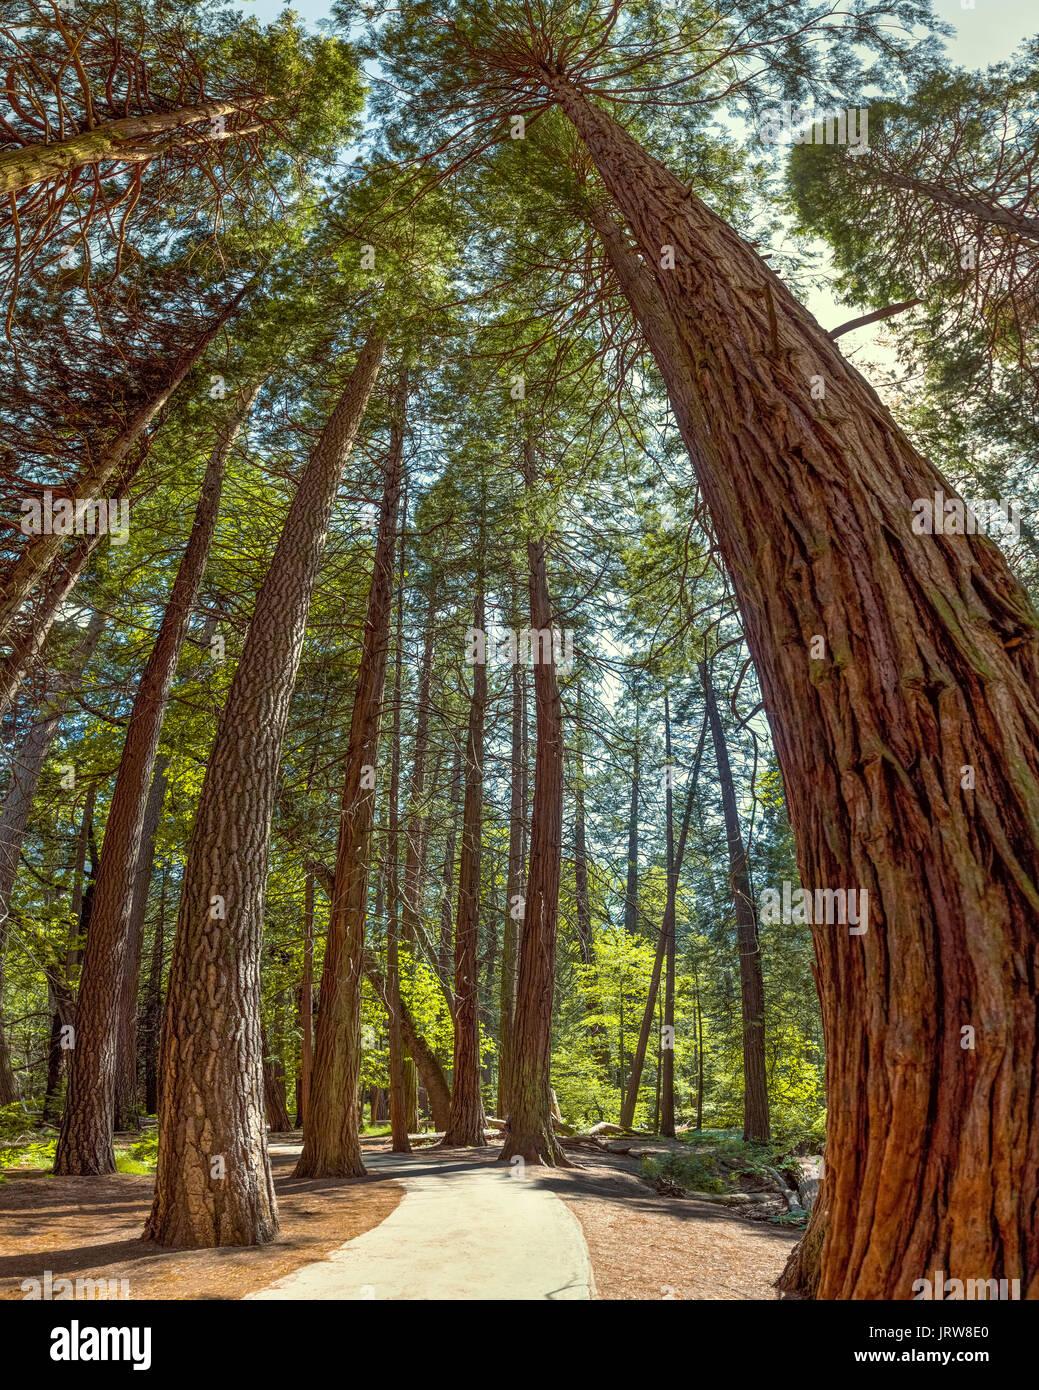 Parco Nazionale di Yosemite - Mariposa Grove Redwoods - California. Panorama verticale distorce gli alberi ed esagera il grandangolo effetto. Immagini Stock